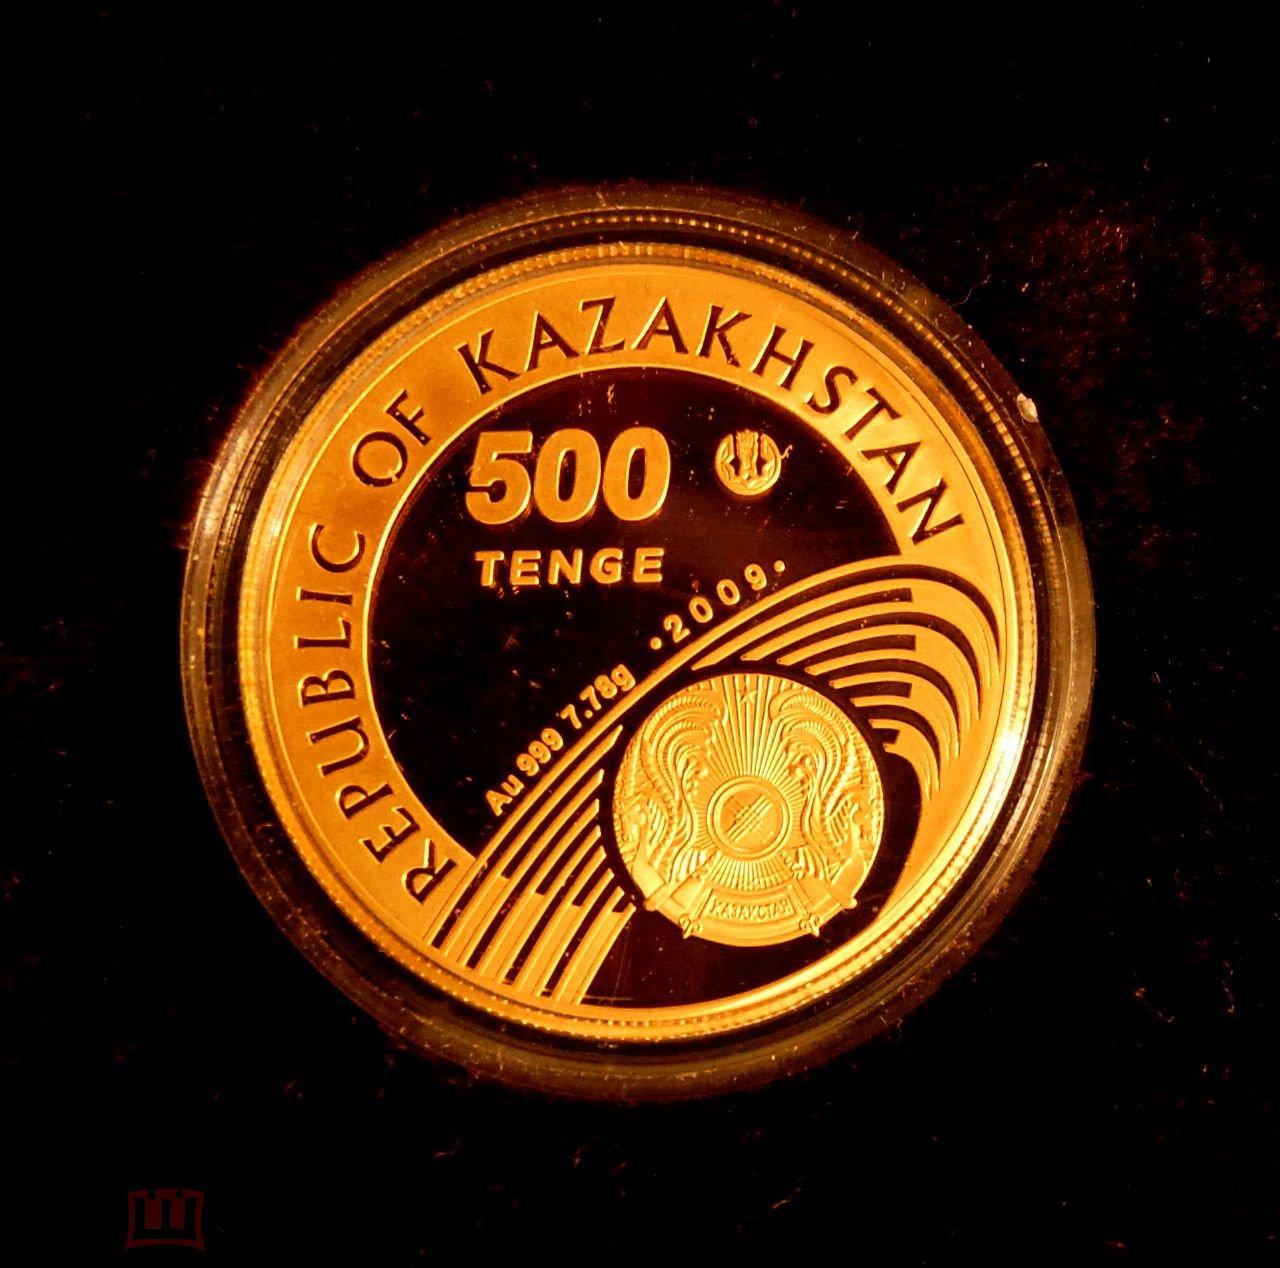 500 тенге казахстан 2009г биатлон в каком году ввели 5000 купюры